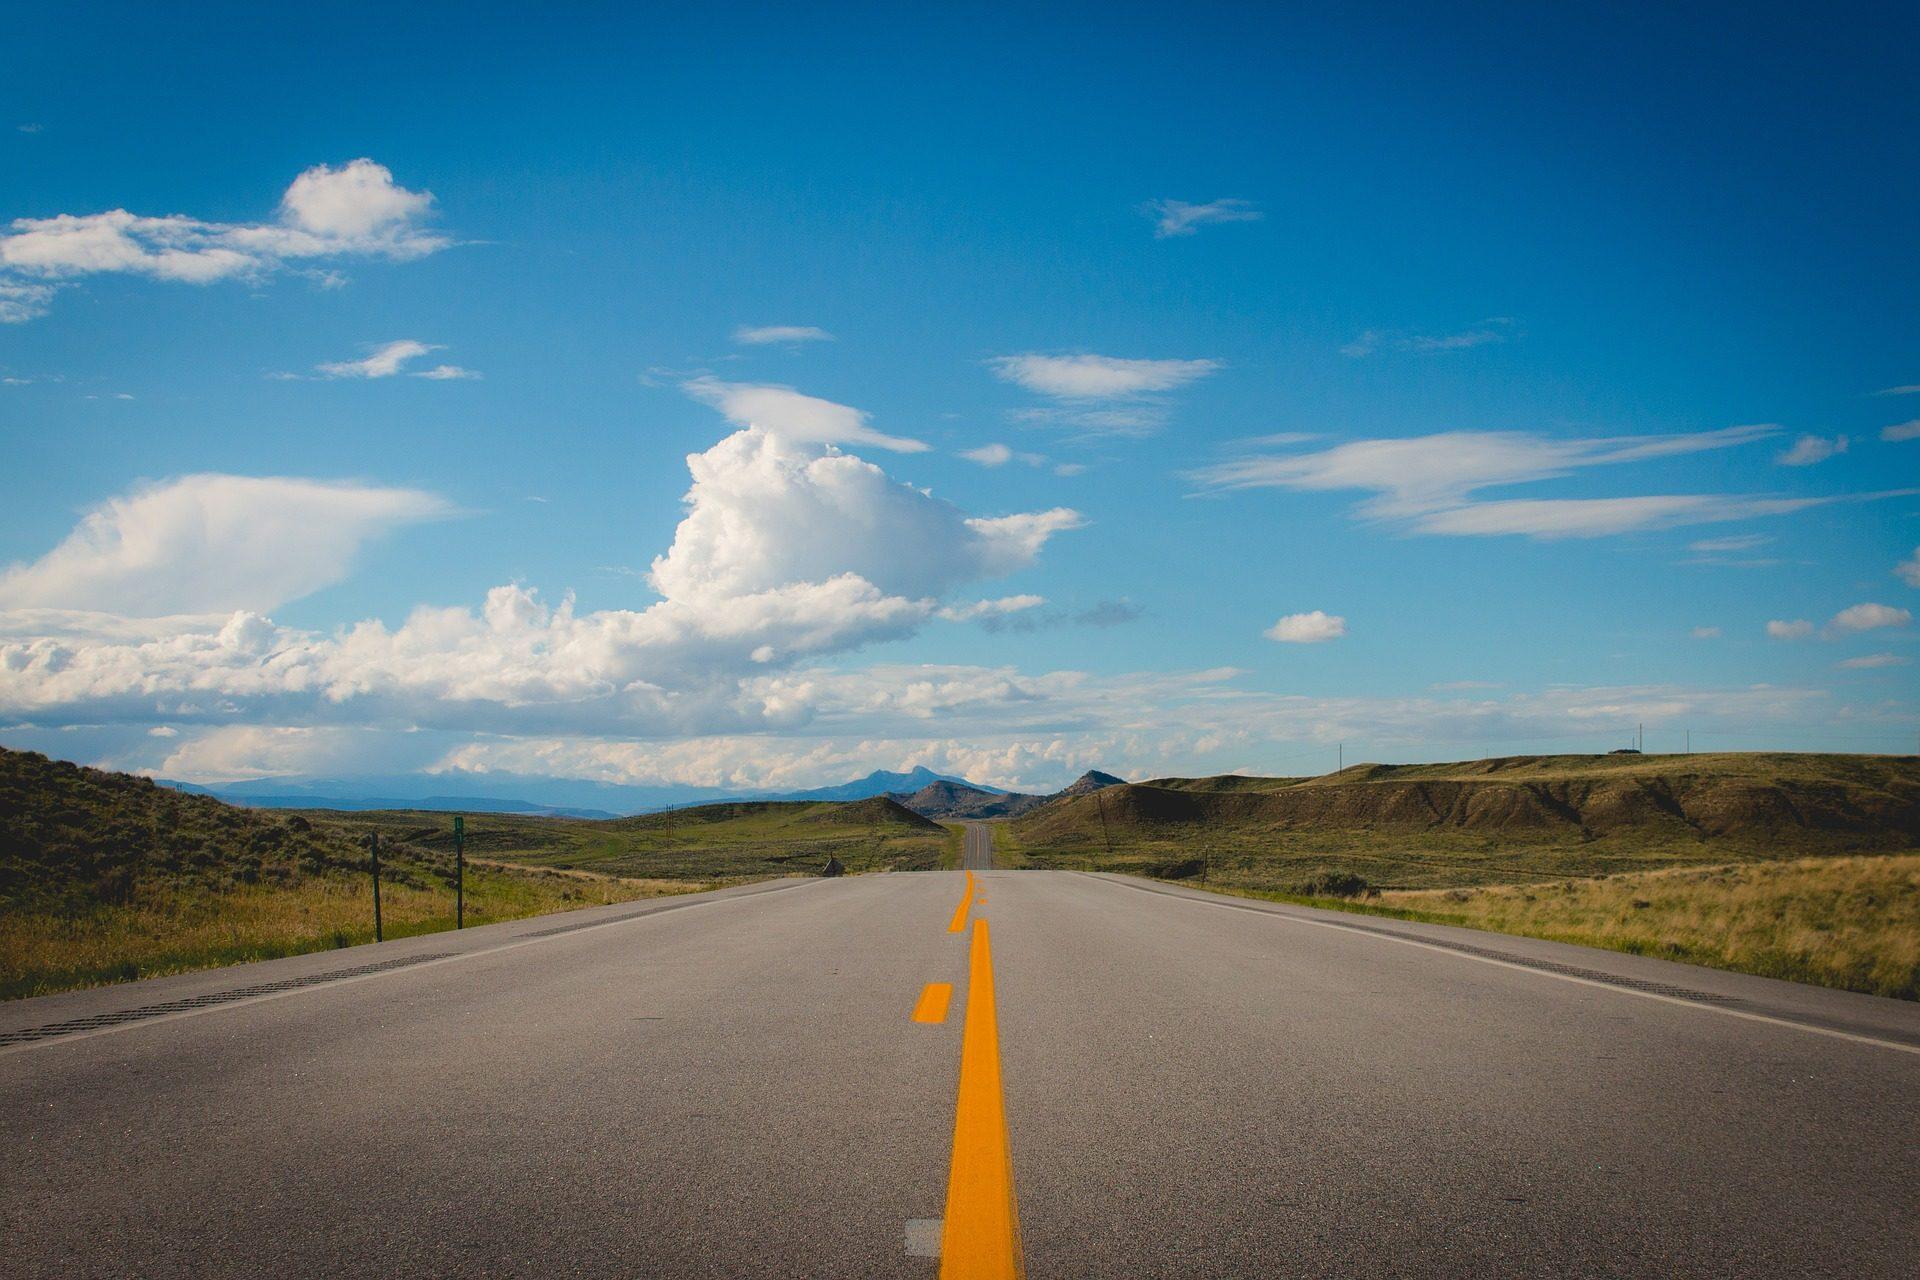 الطريق, على التوالي, الأسفلت, وادي, الجبال, رسمت, السحب. - خلفيات عالية الدقة - أستاذ falken.com